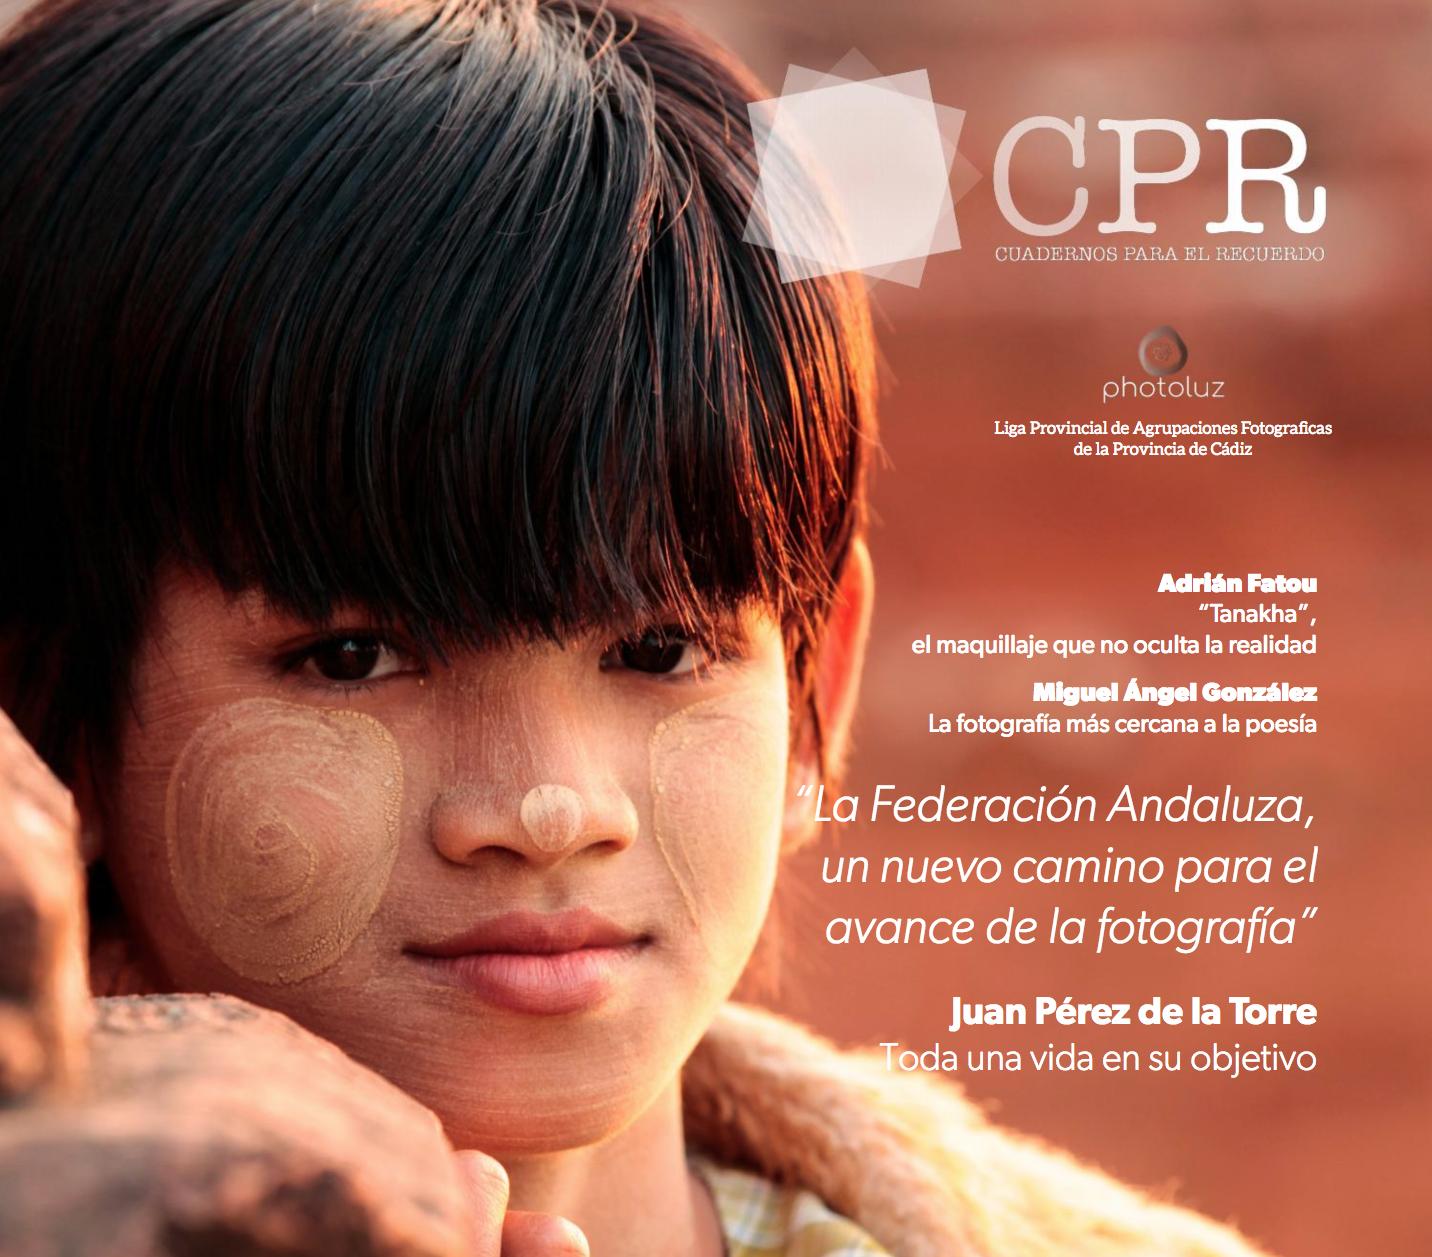 CPR Cuadernos para el recuerdo, nuevo proyecto de Photoluz